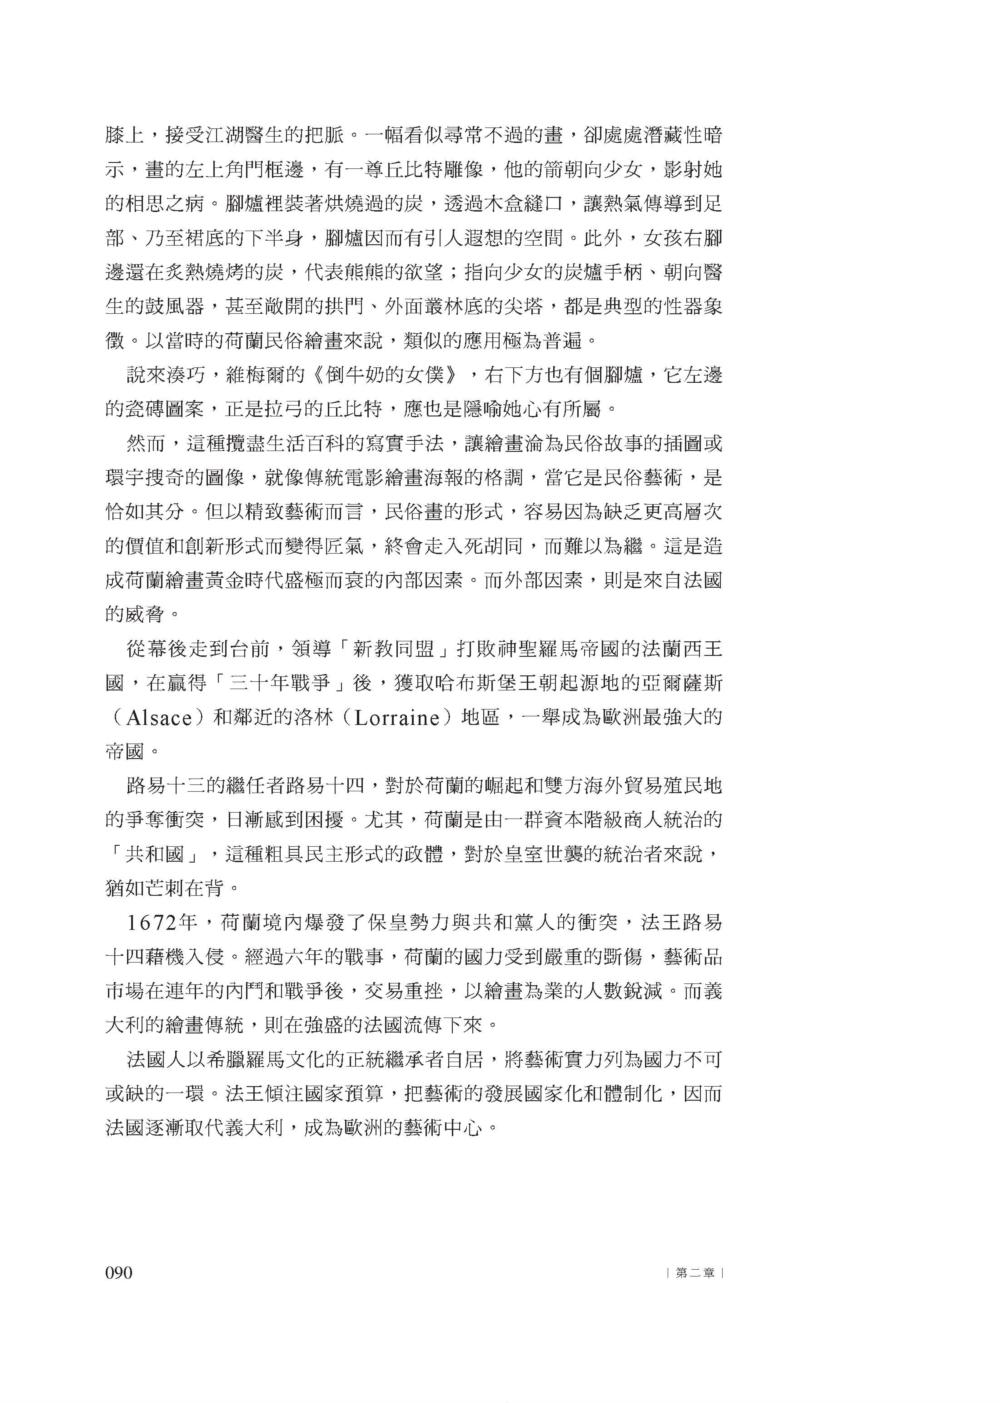 http://im1.book.com.tw/image/getImage?i=http://www.books.com.tw/img/001/072/81/0010728178_b_10.jpg&v=57cfec74&w=655&h=609